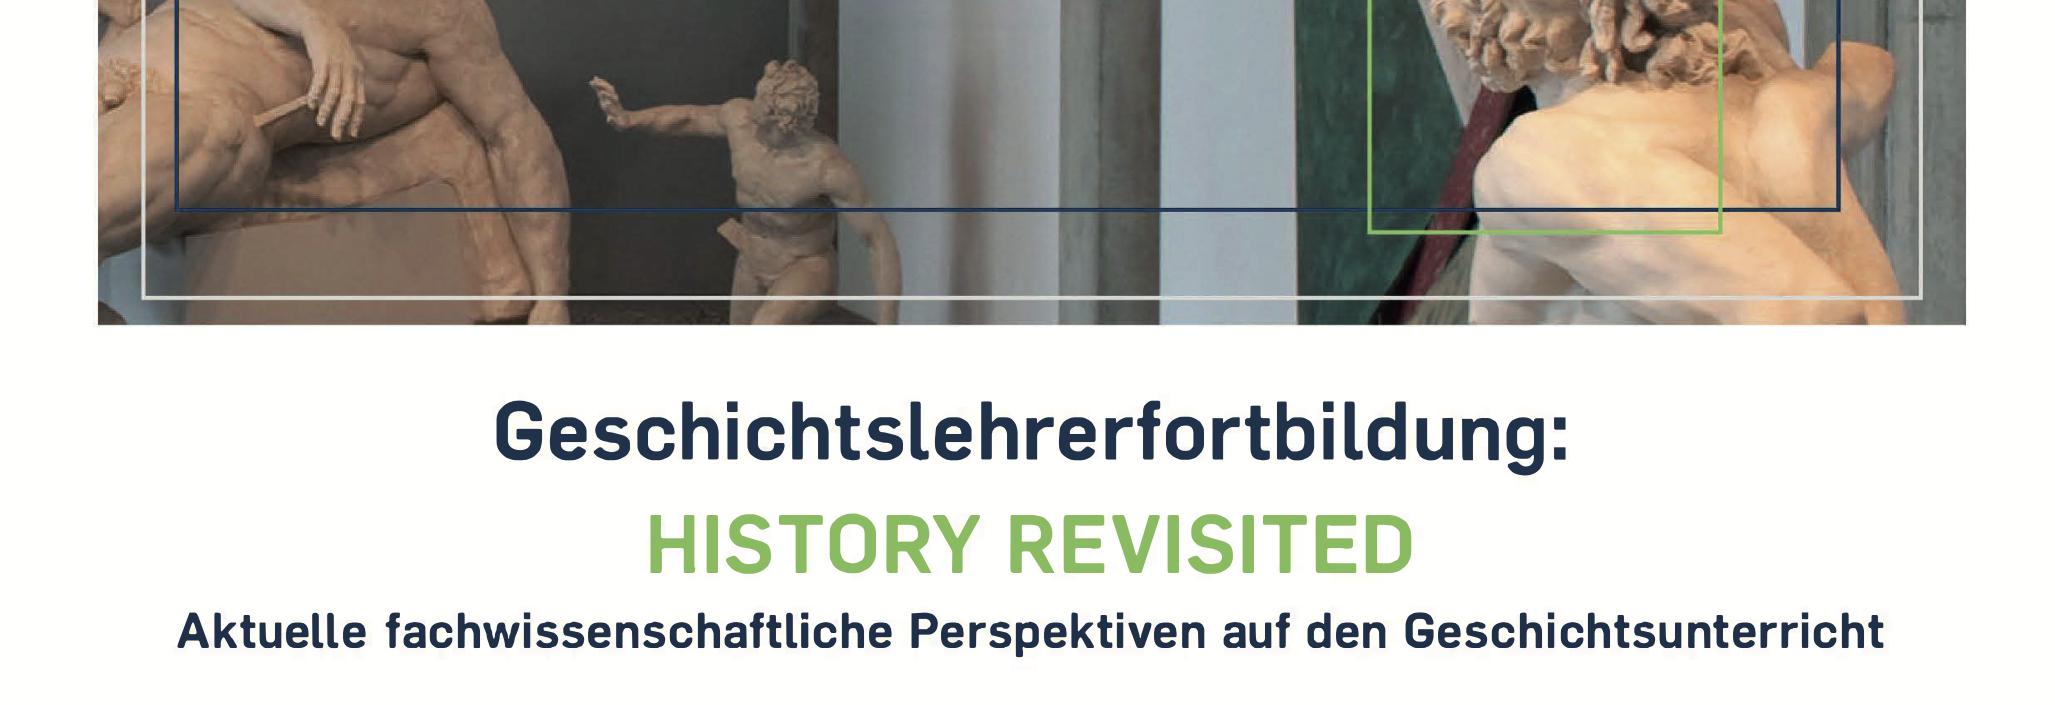 Online-Geschichtslehrerfortbildung der RUB Bochum: History revisited. Aktuelle fachwissenschaftliche Perspektiven auf den Geschichtsunterricht